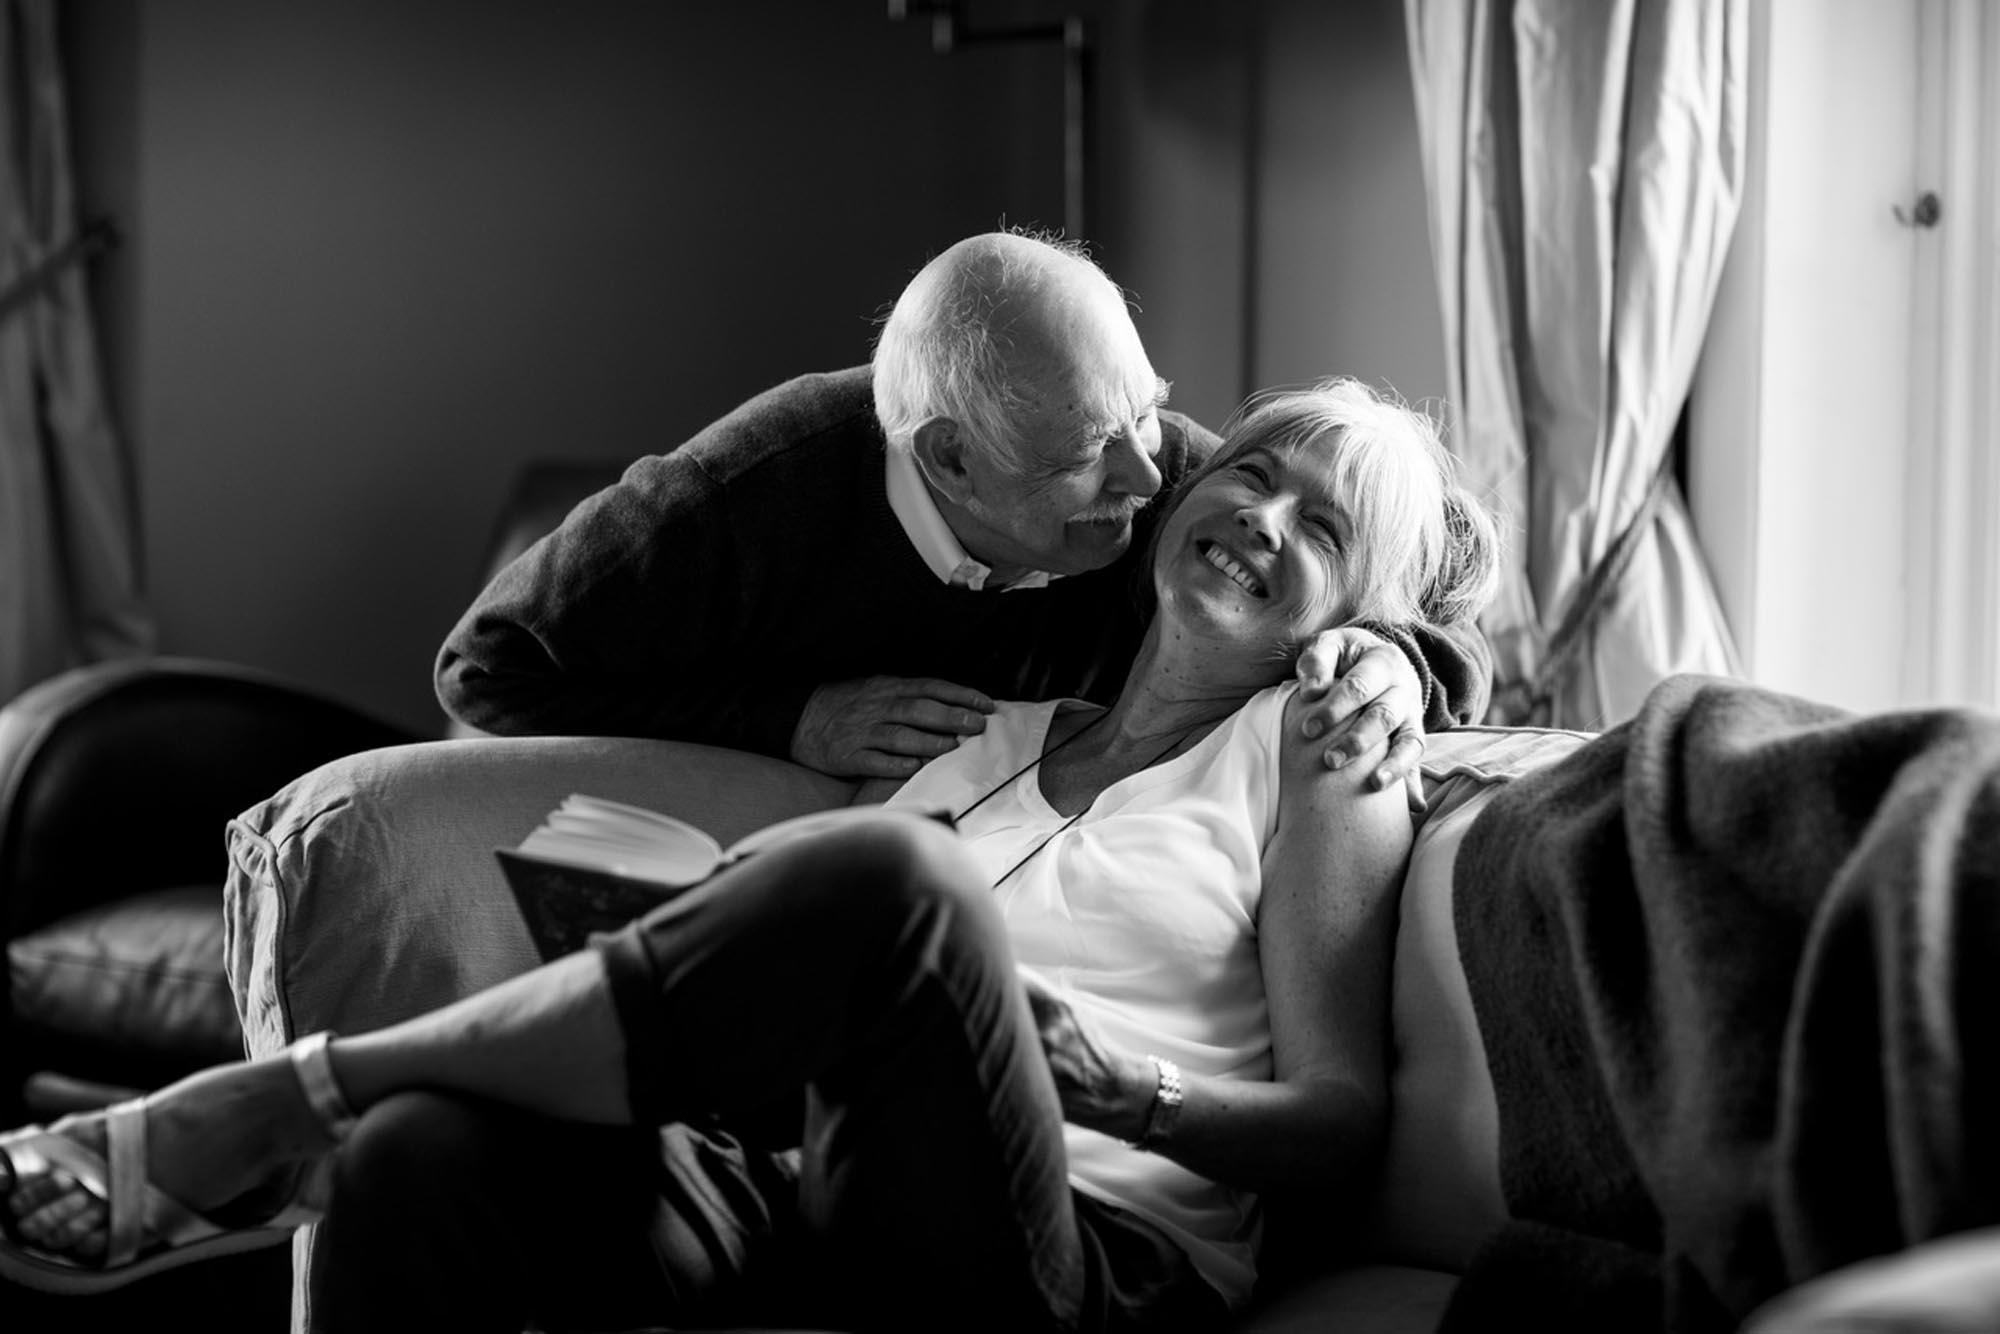 Symbicourt - Photography Production by Luke Jackson